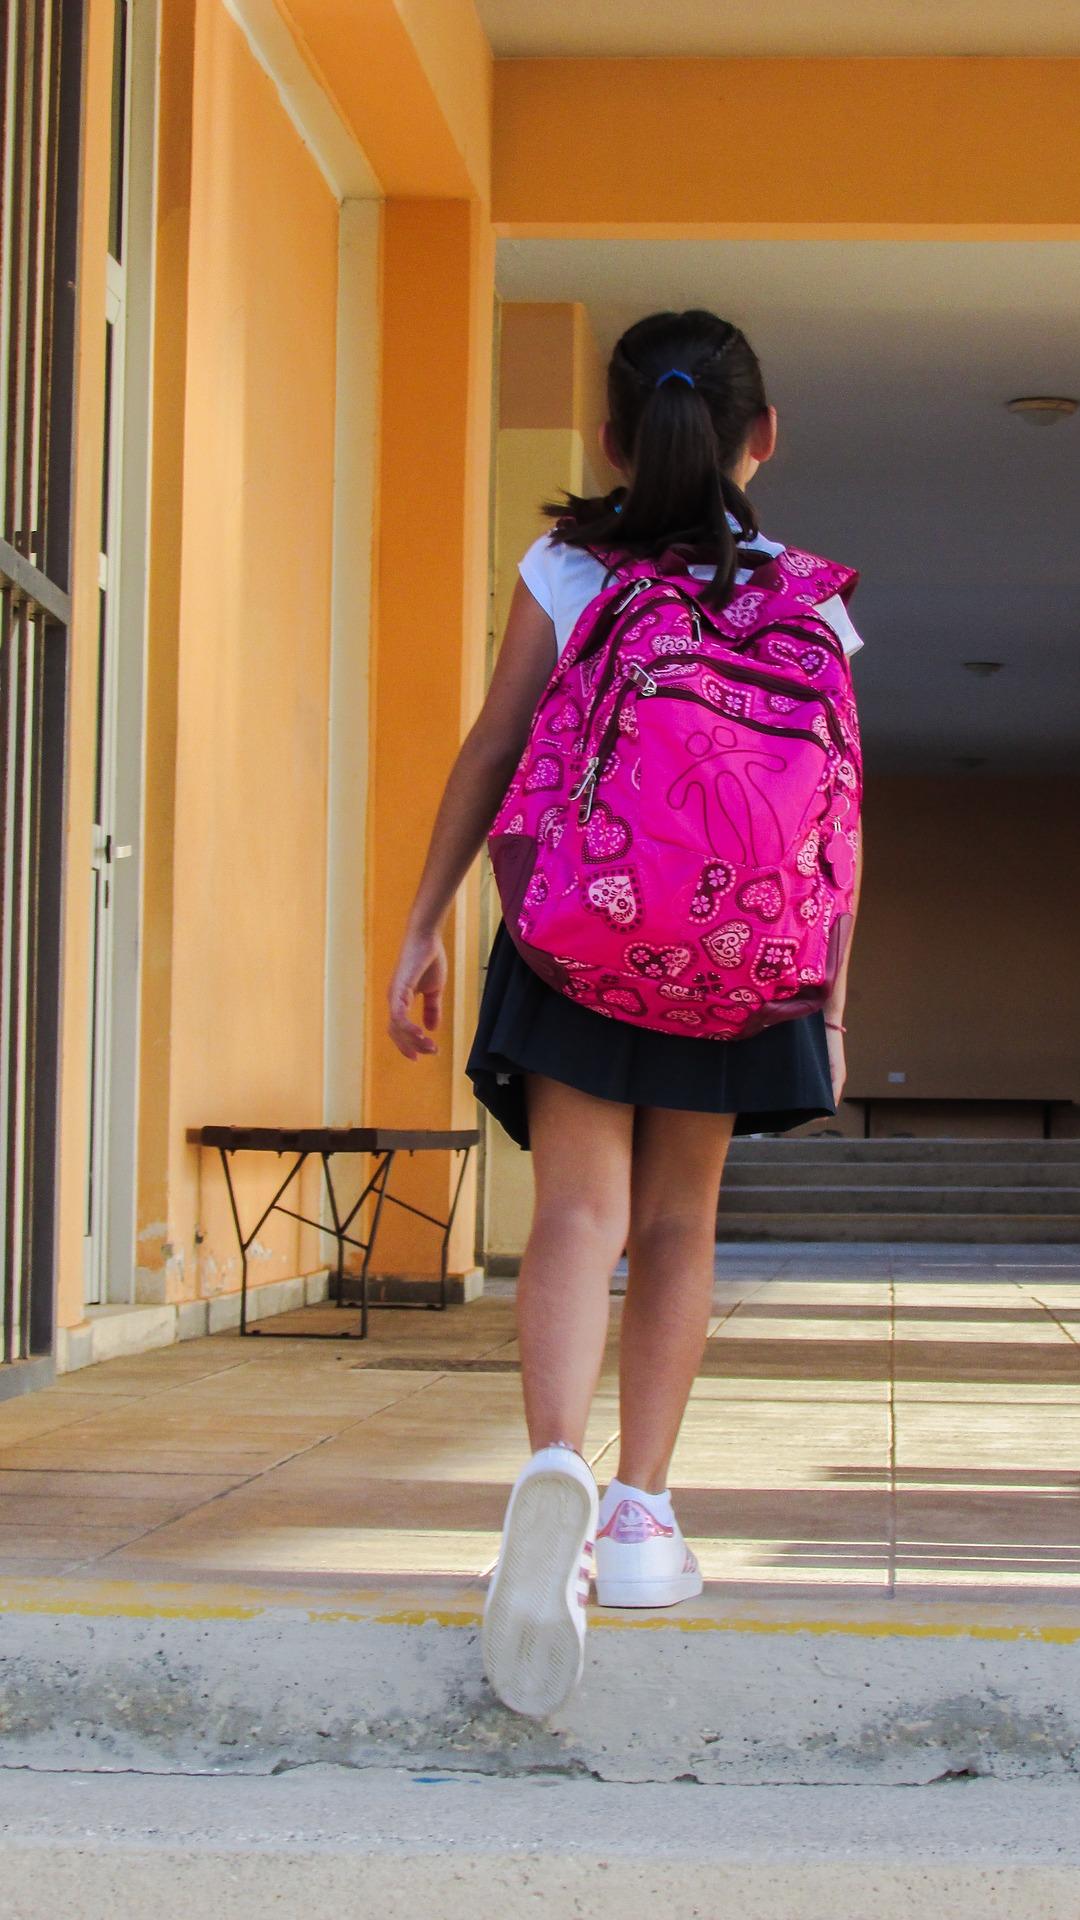 buty profilaktyczne dla dziecka